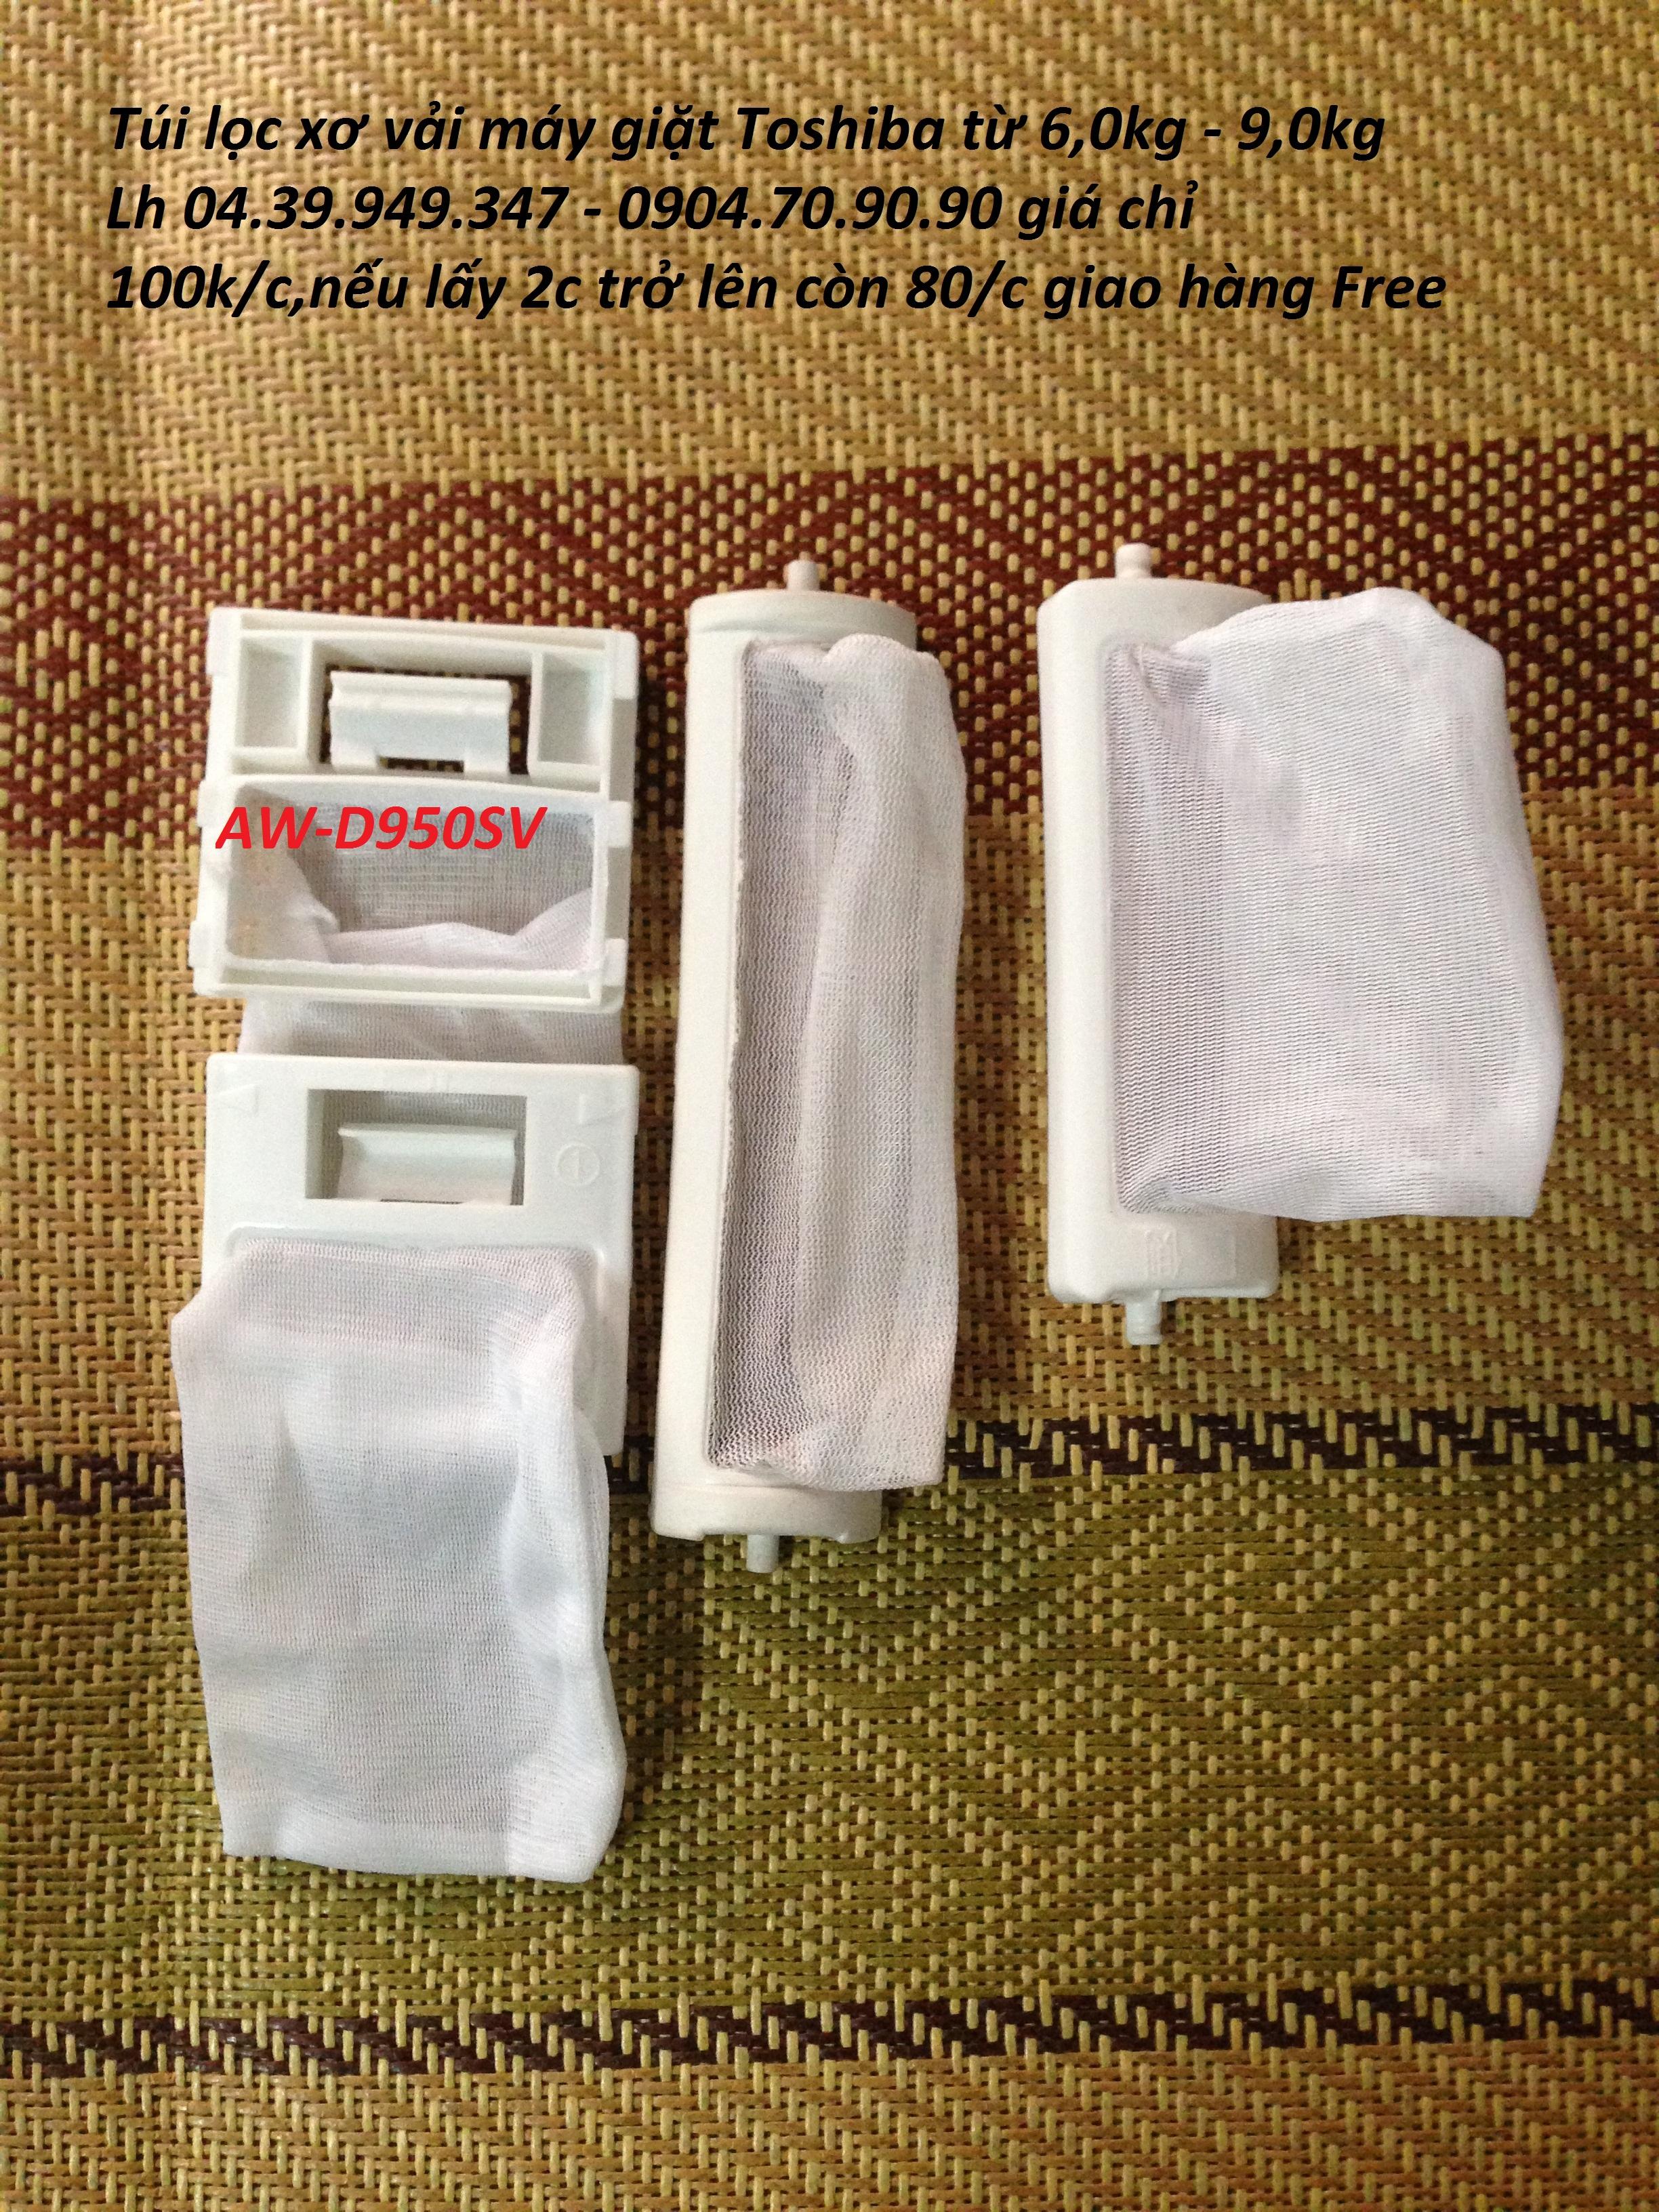 2 Túi lọc máy giặt ,túi lọc rác cặn bẩn Sanyo,Toshiba,LG,Panasonic,Daewoo